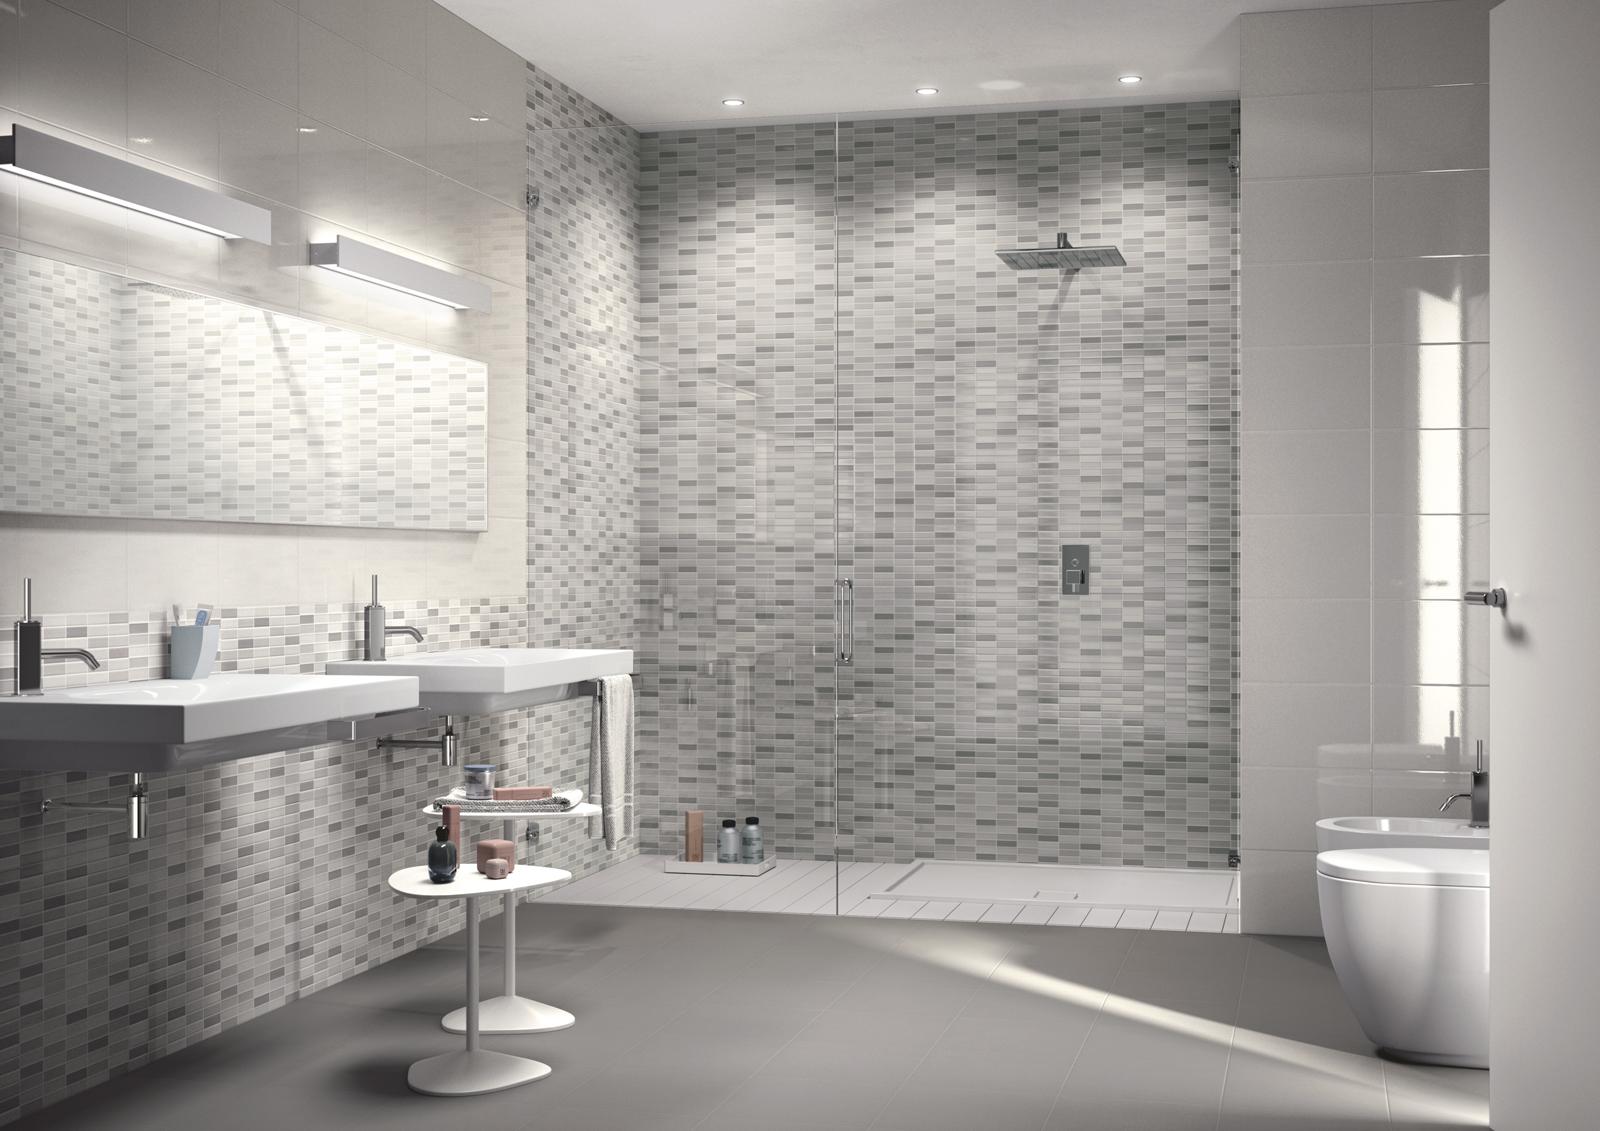 Piastrelle effetto pietra per bagno. interesting with piastrelle